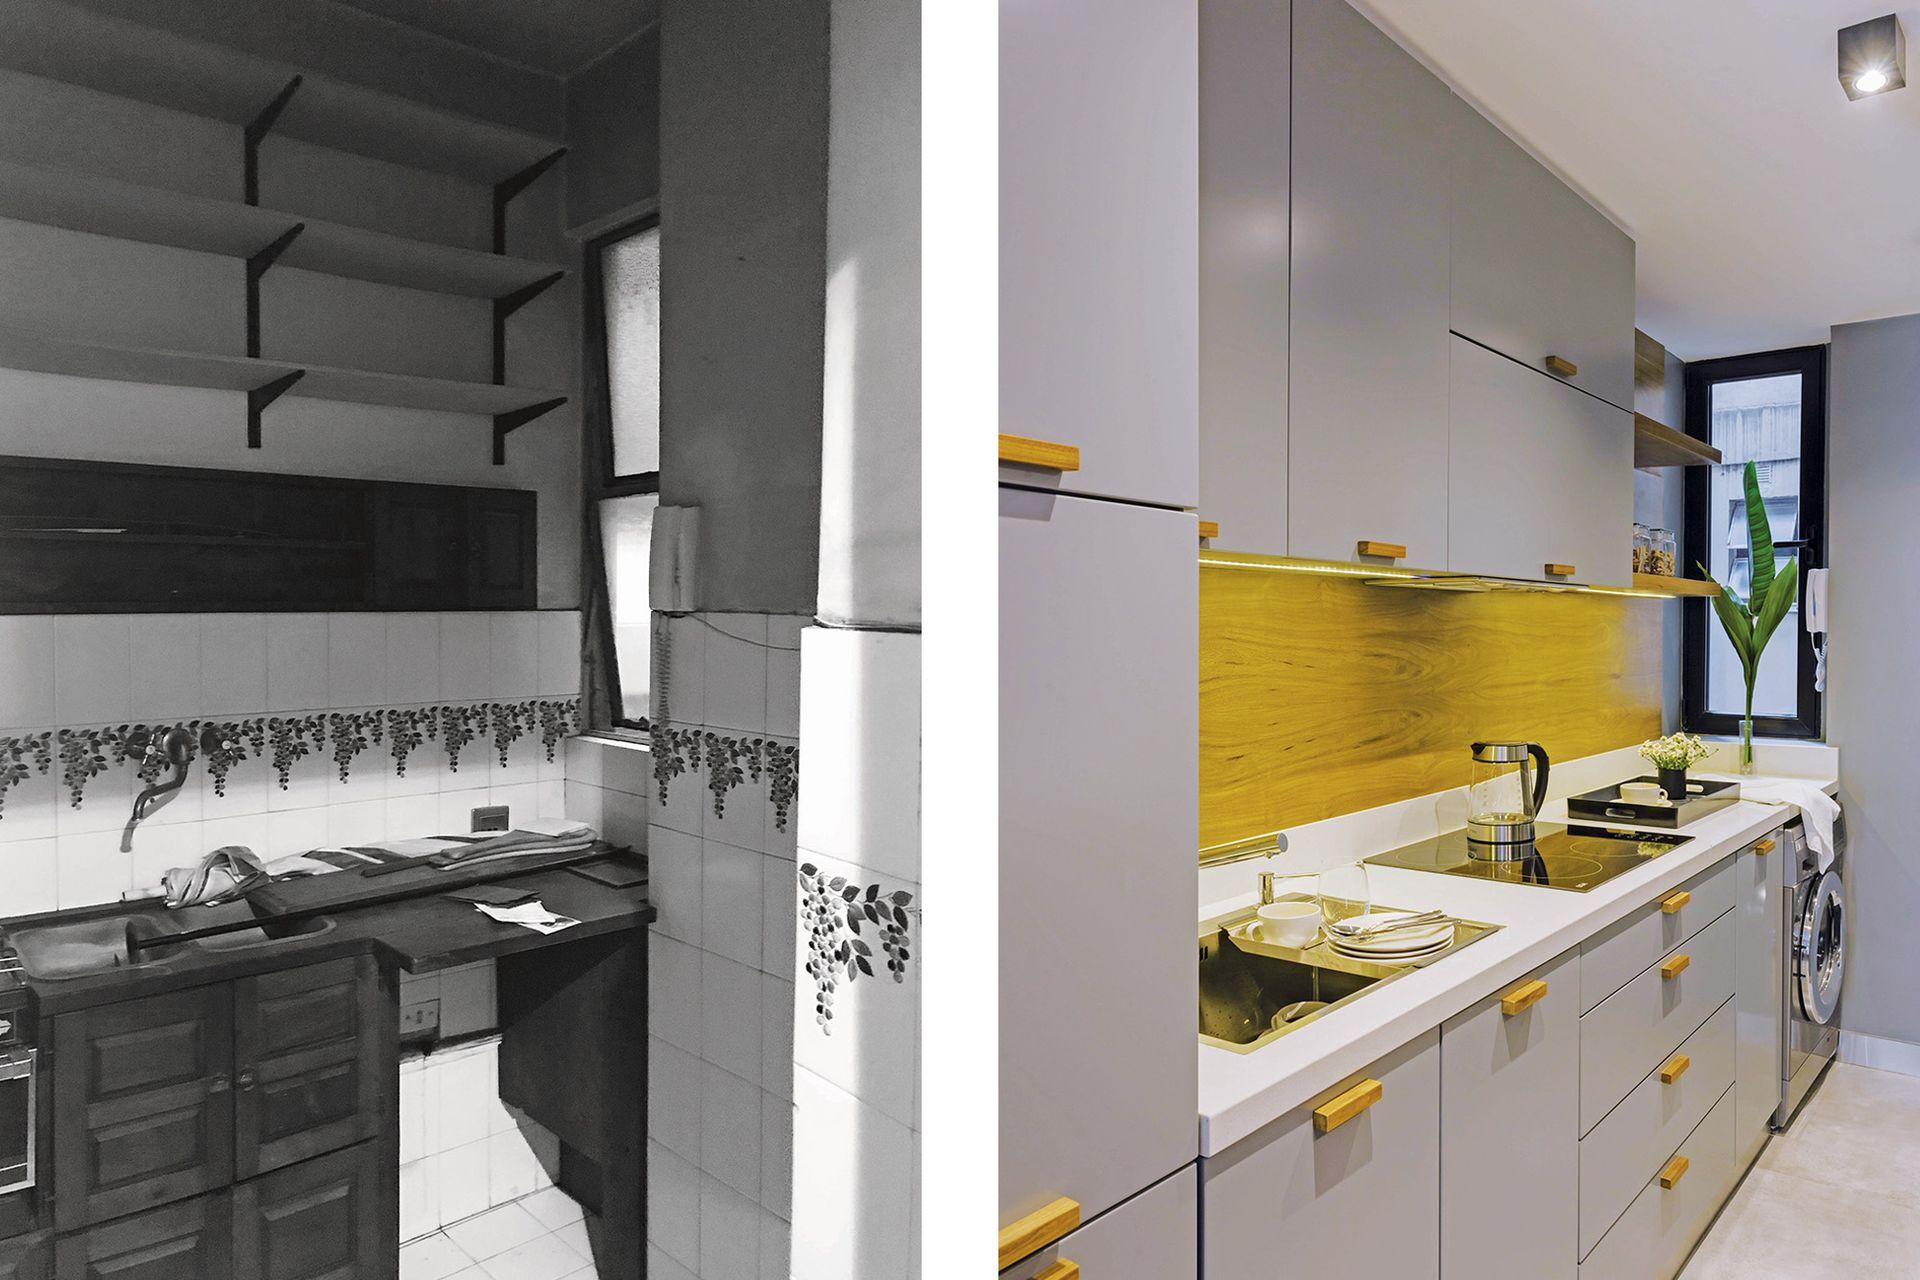 ANTES: la cocina estaba revestida con azulejos, muebles de madera y ventiluz.